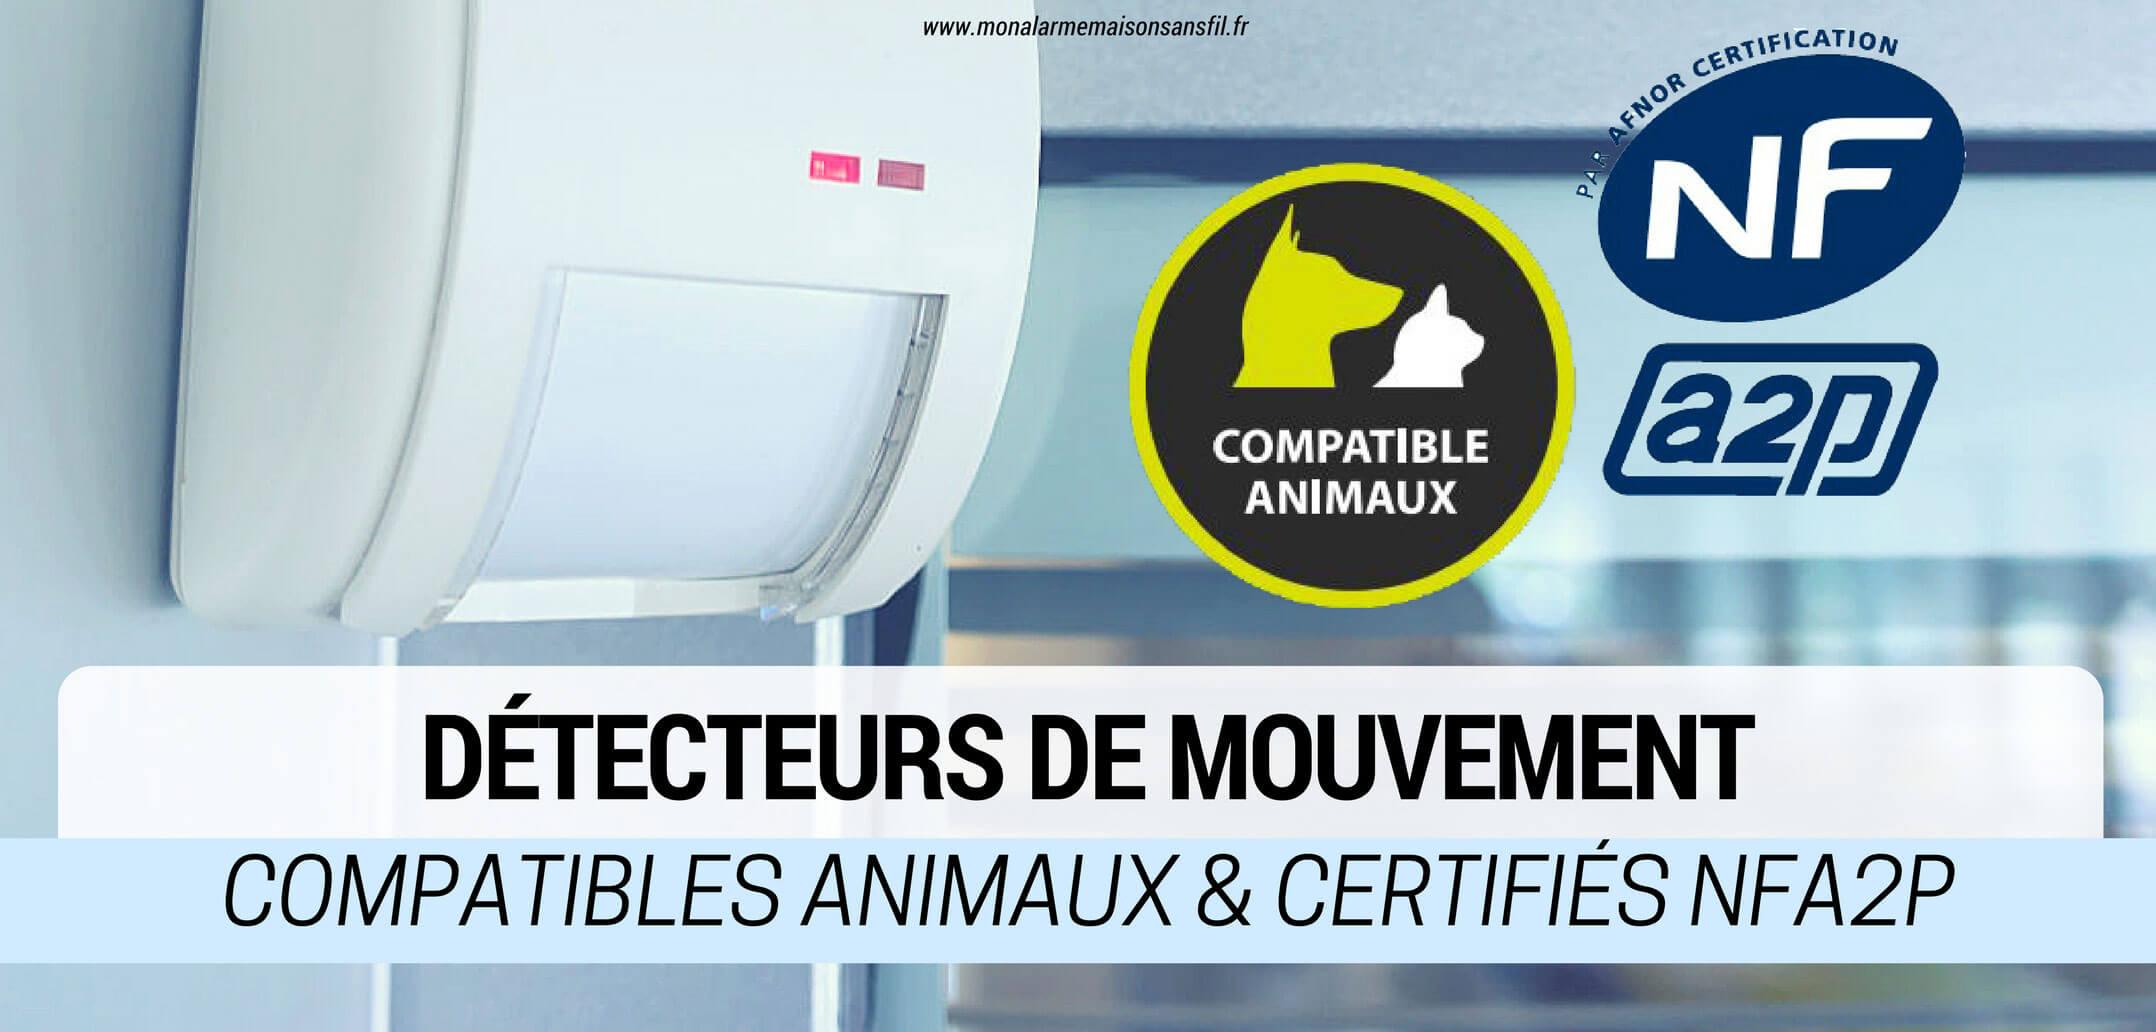 Comparatif d tecteurs de mouvement pour animaux certifi s for Alarme maison comparatif